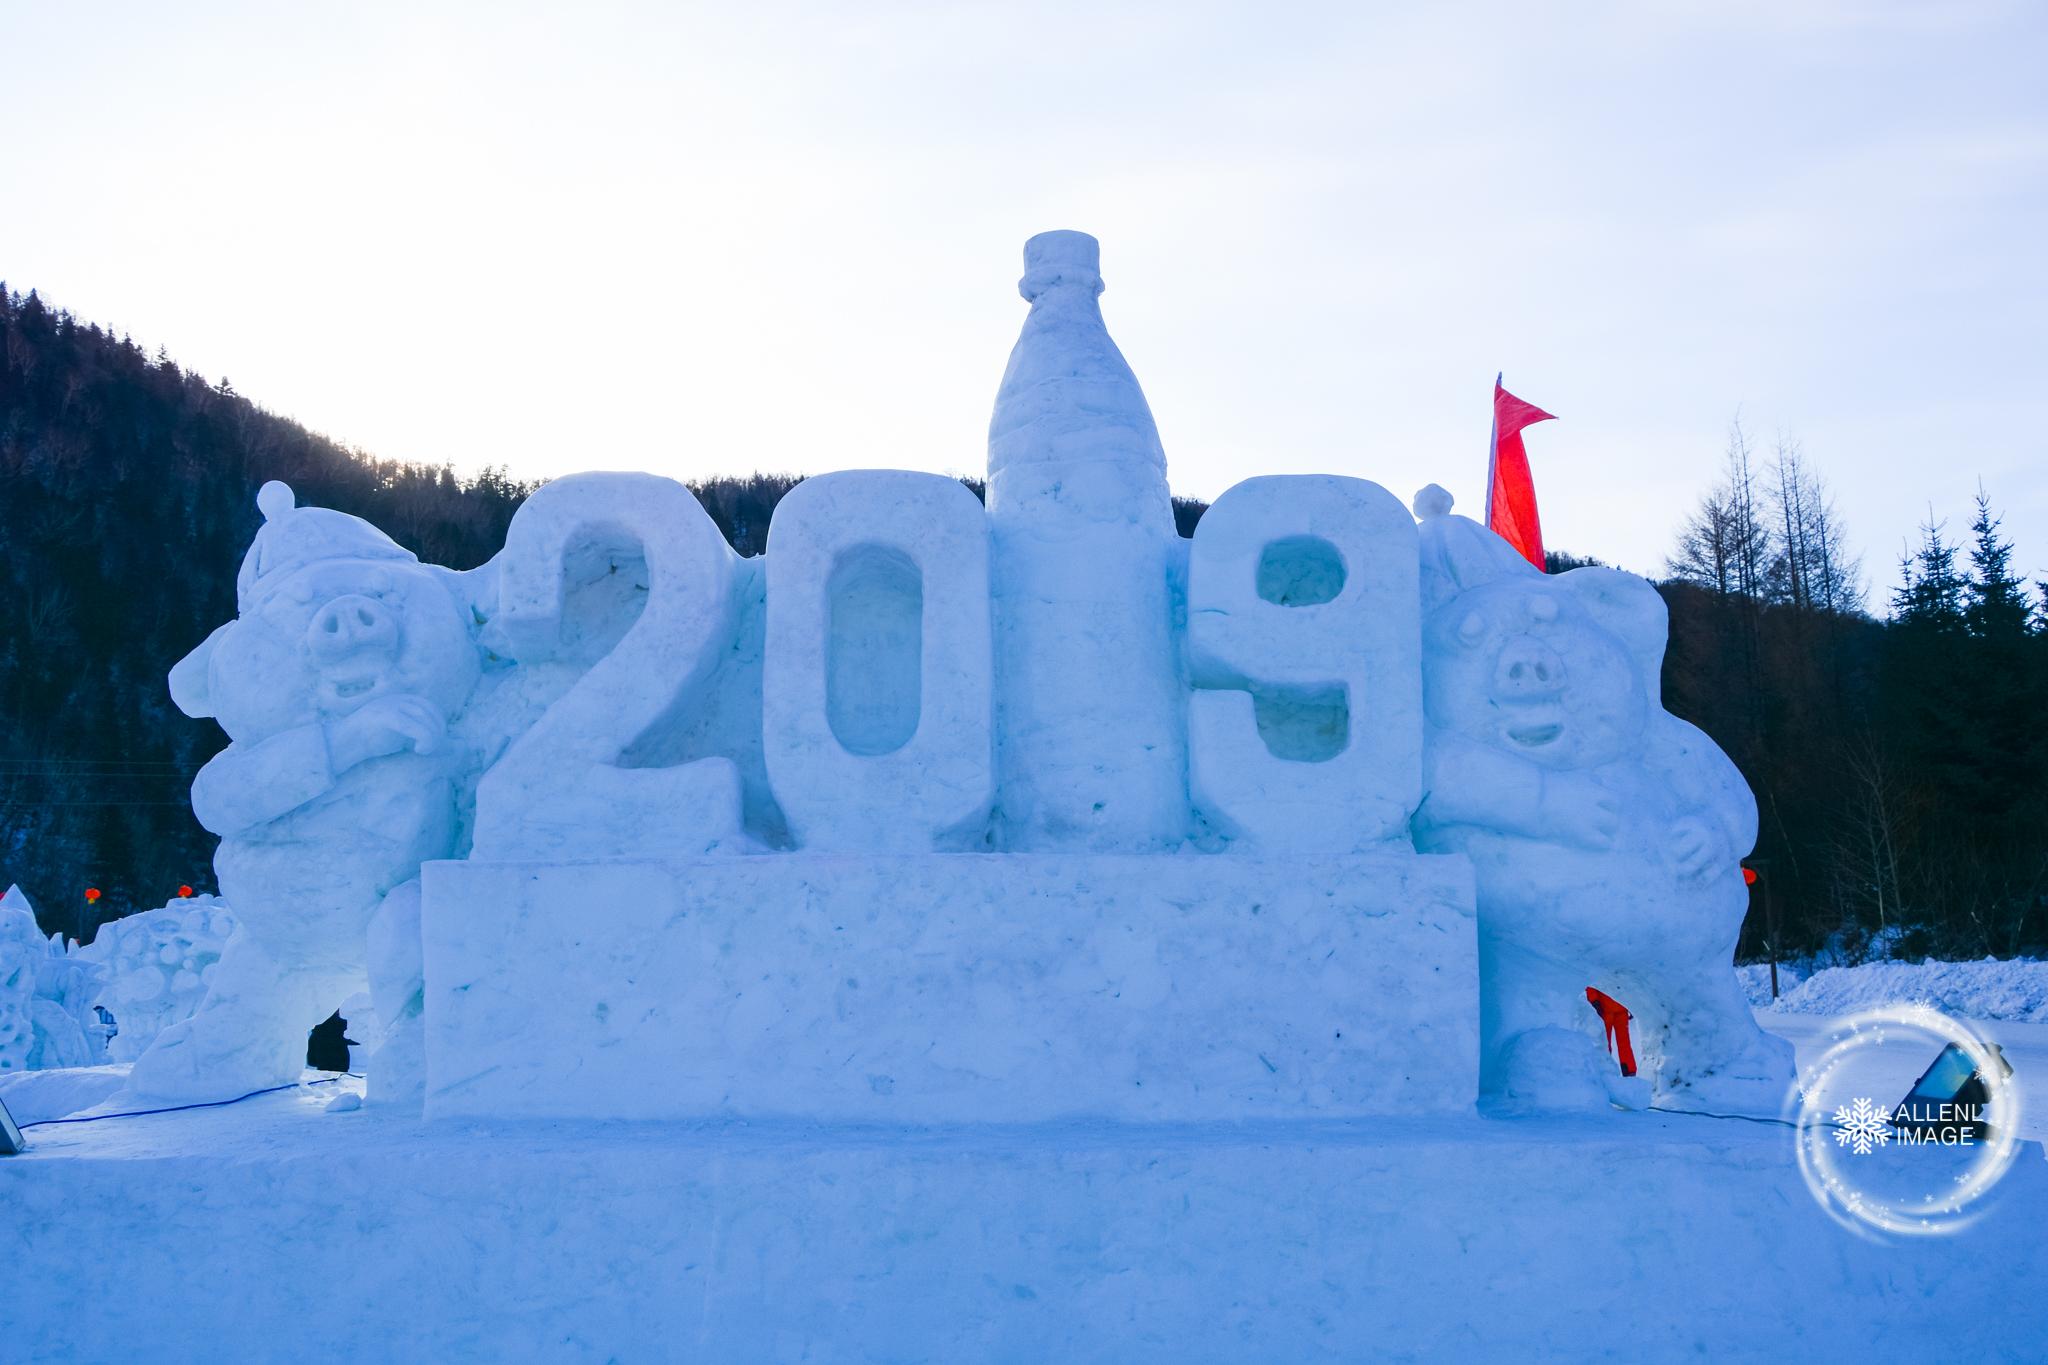 雪韵大街尽头处的一片雪雕广场,全部换上了2019猪年的喜气造型.